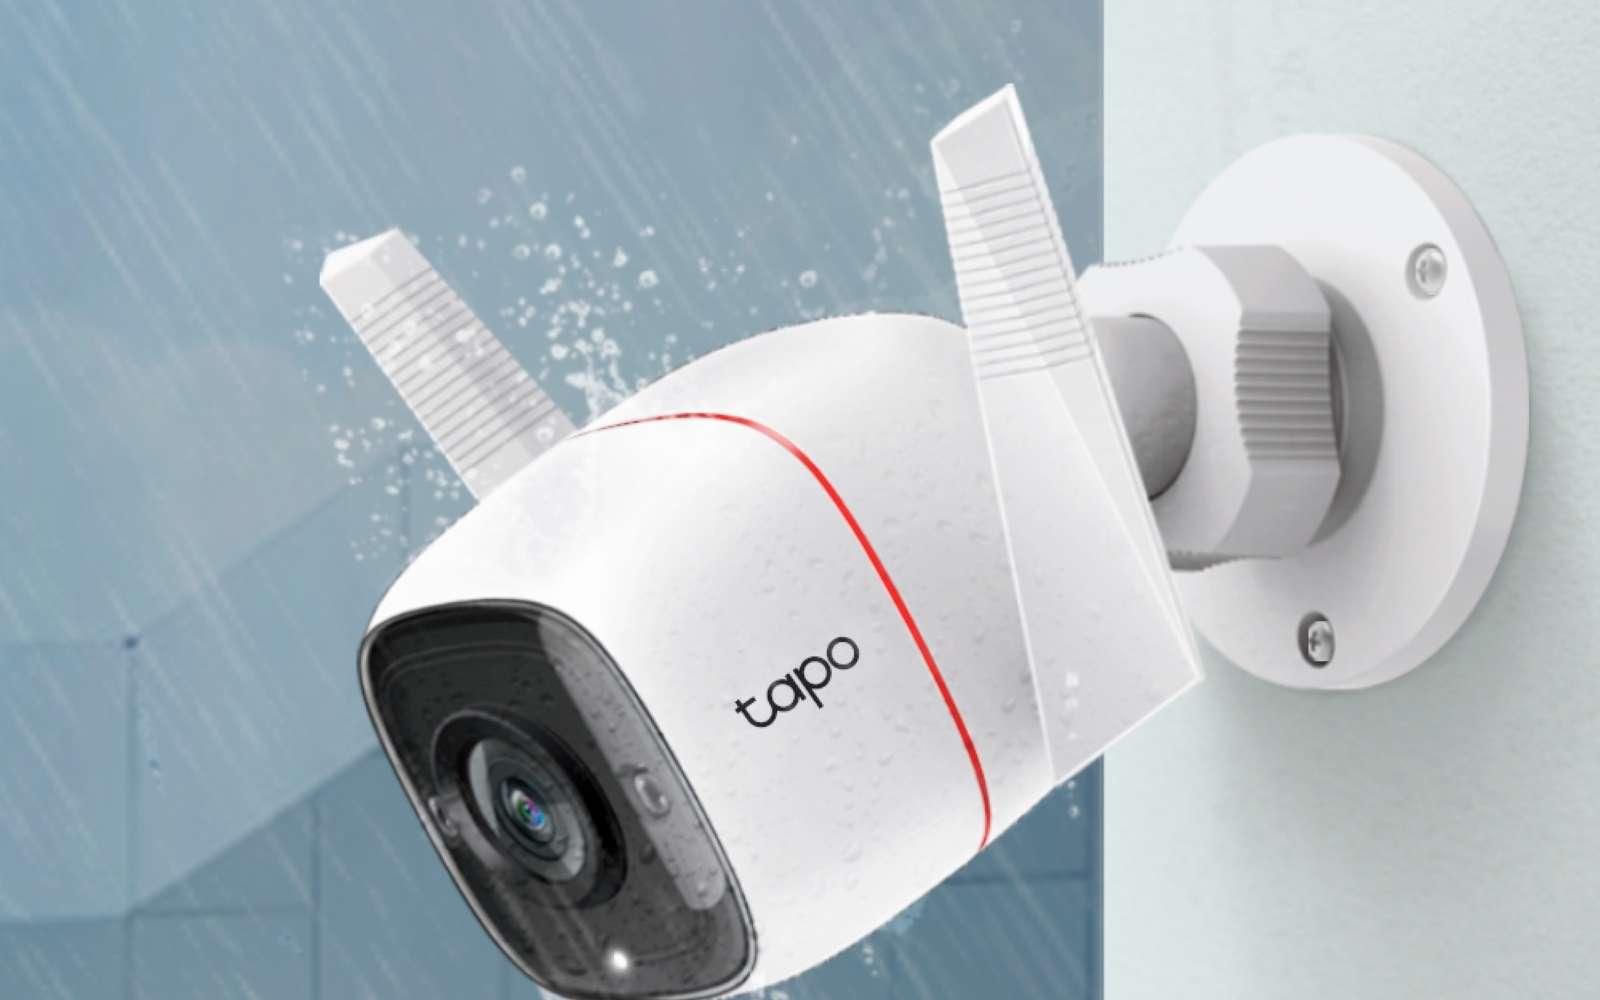 La caméra Tapo C310 est faite pour l'extérieur et supporte la pluie ou la poussière sans souci. © Futura